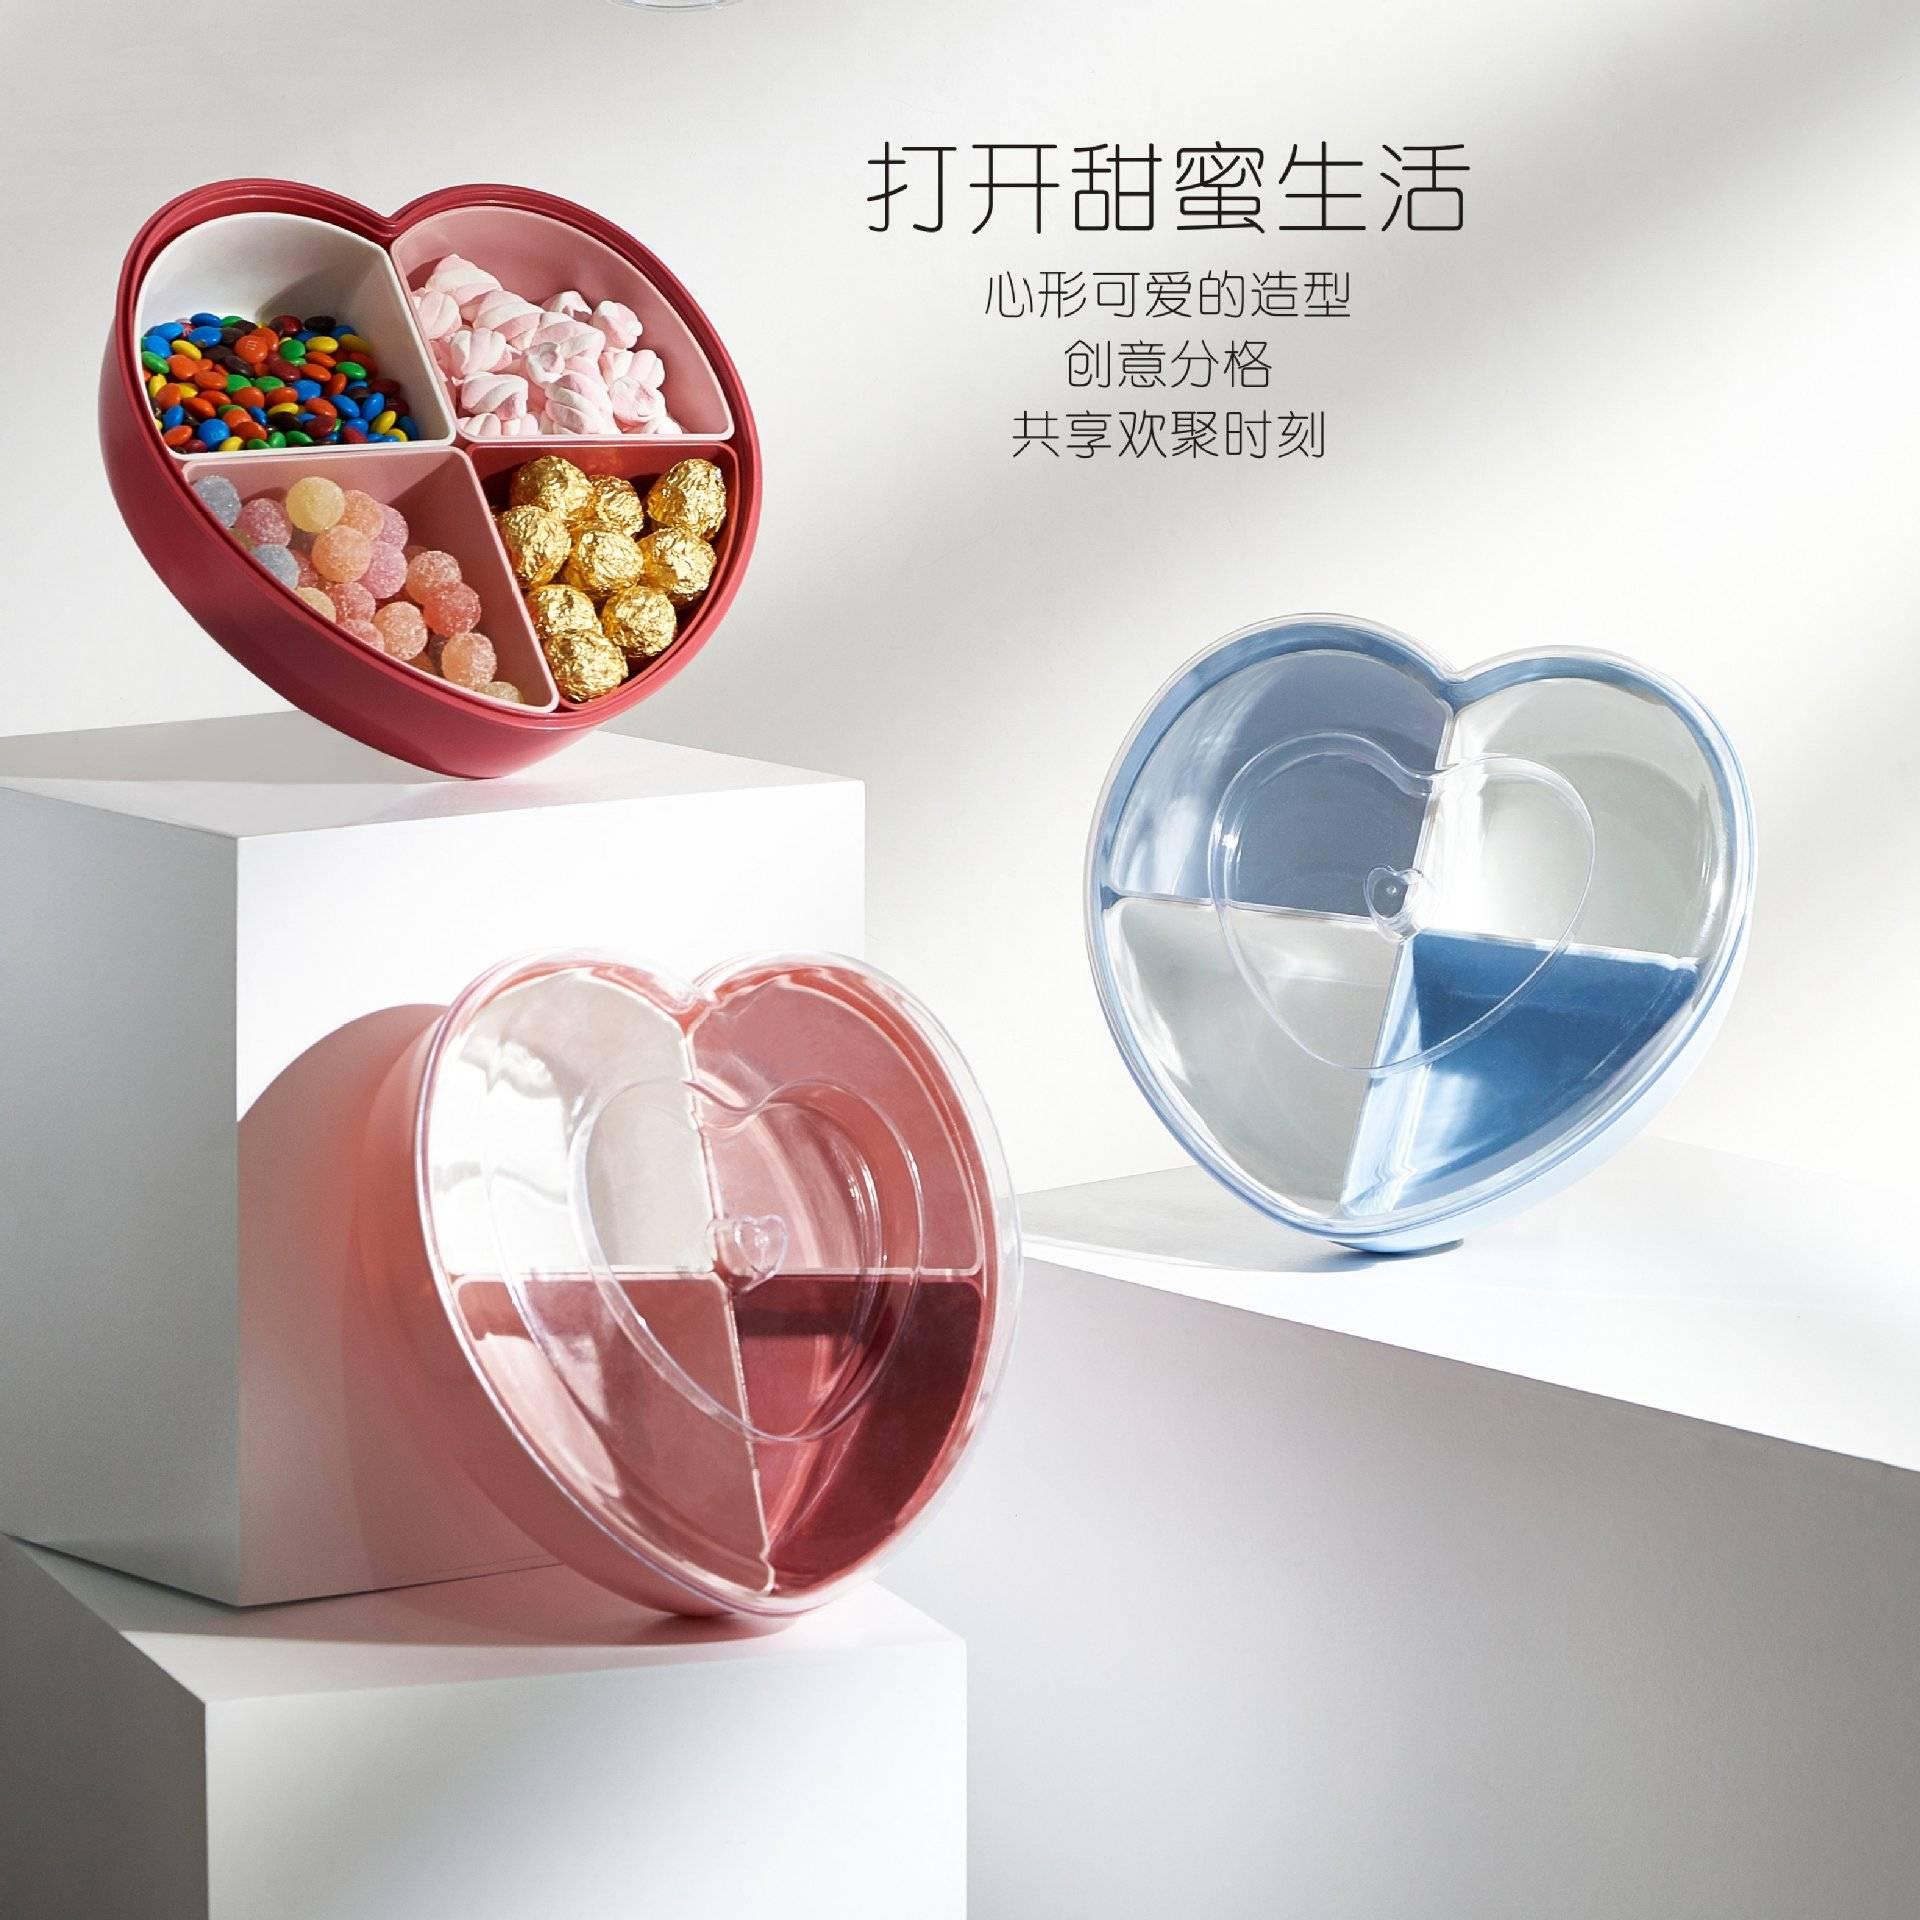 糖果盒 创意干果盘果盘糖盒零食瓜子干果盒